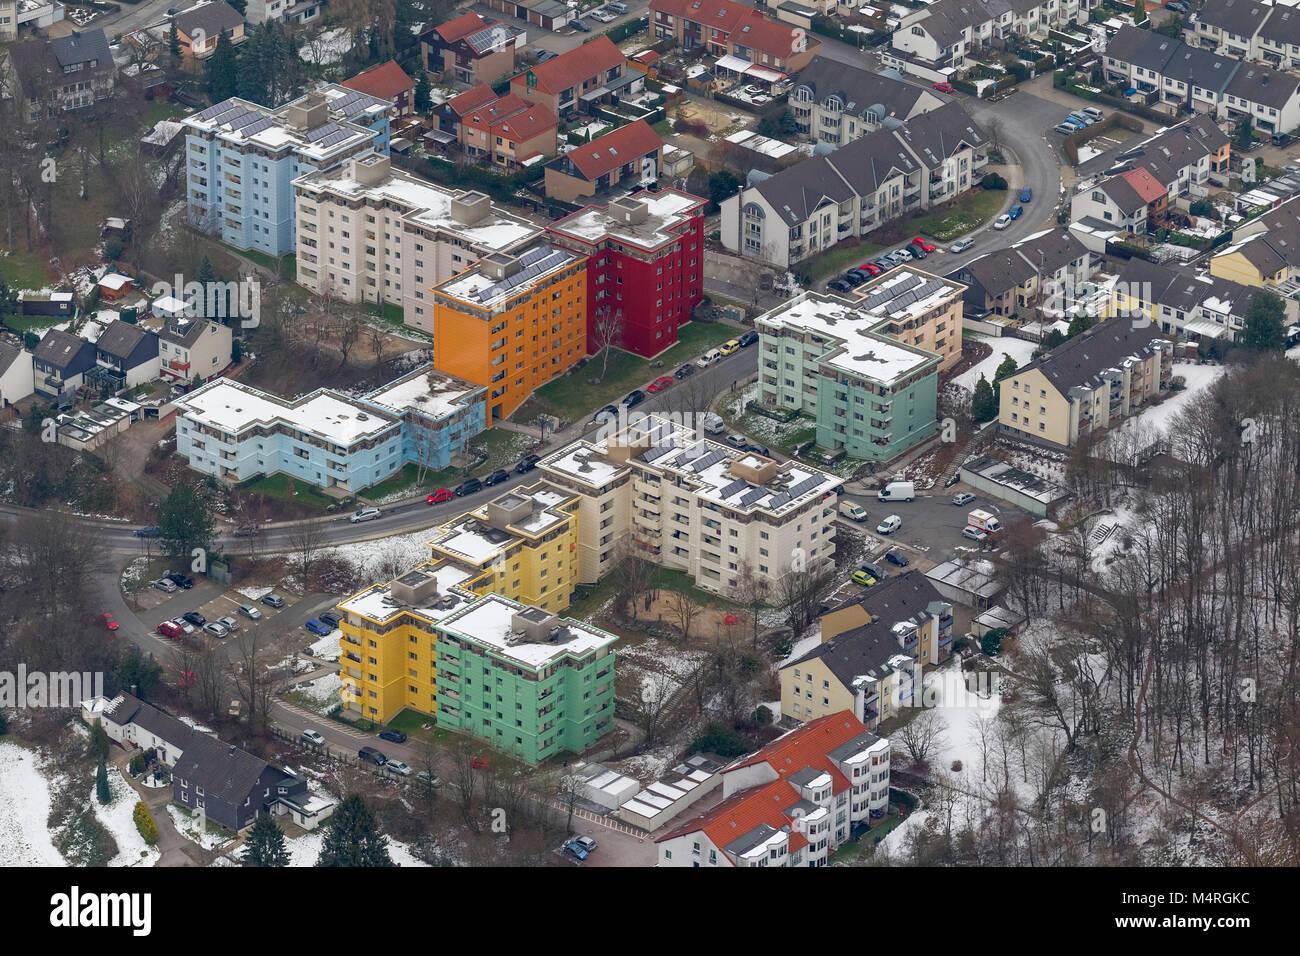 Vista aerea, Tücking e colorati di grattacieli Hoexter road Haspe, Hagen, Sauerland, Renania settentrionale Immagini Stock